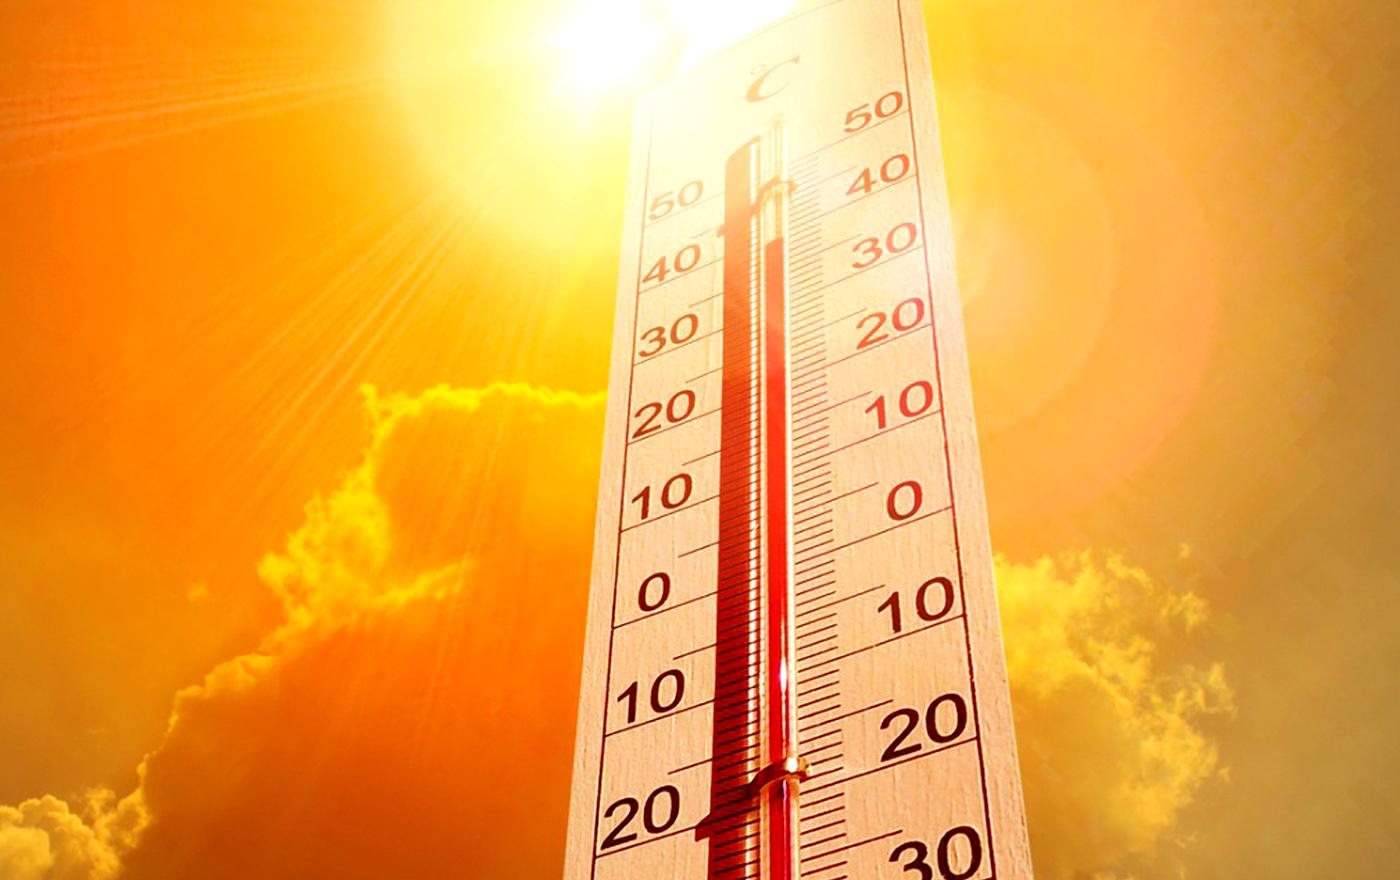 تأثیر گرما بر خلق و خو؛ آیا گرمای هوا افراد را پرخاشگر میکند؟